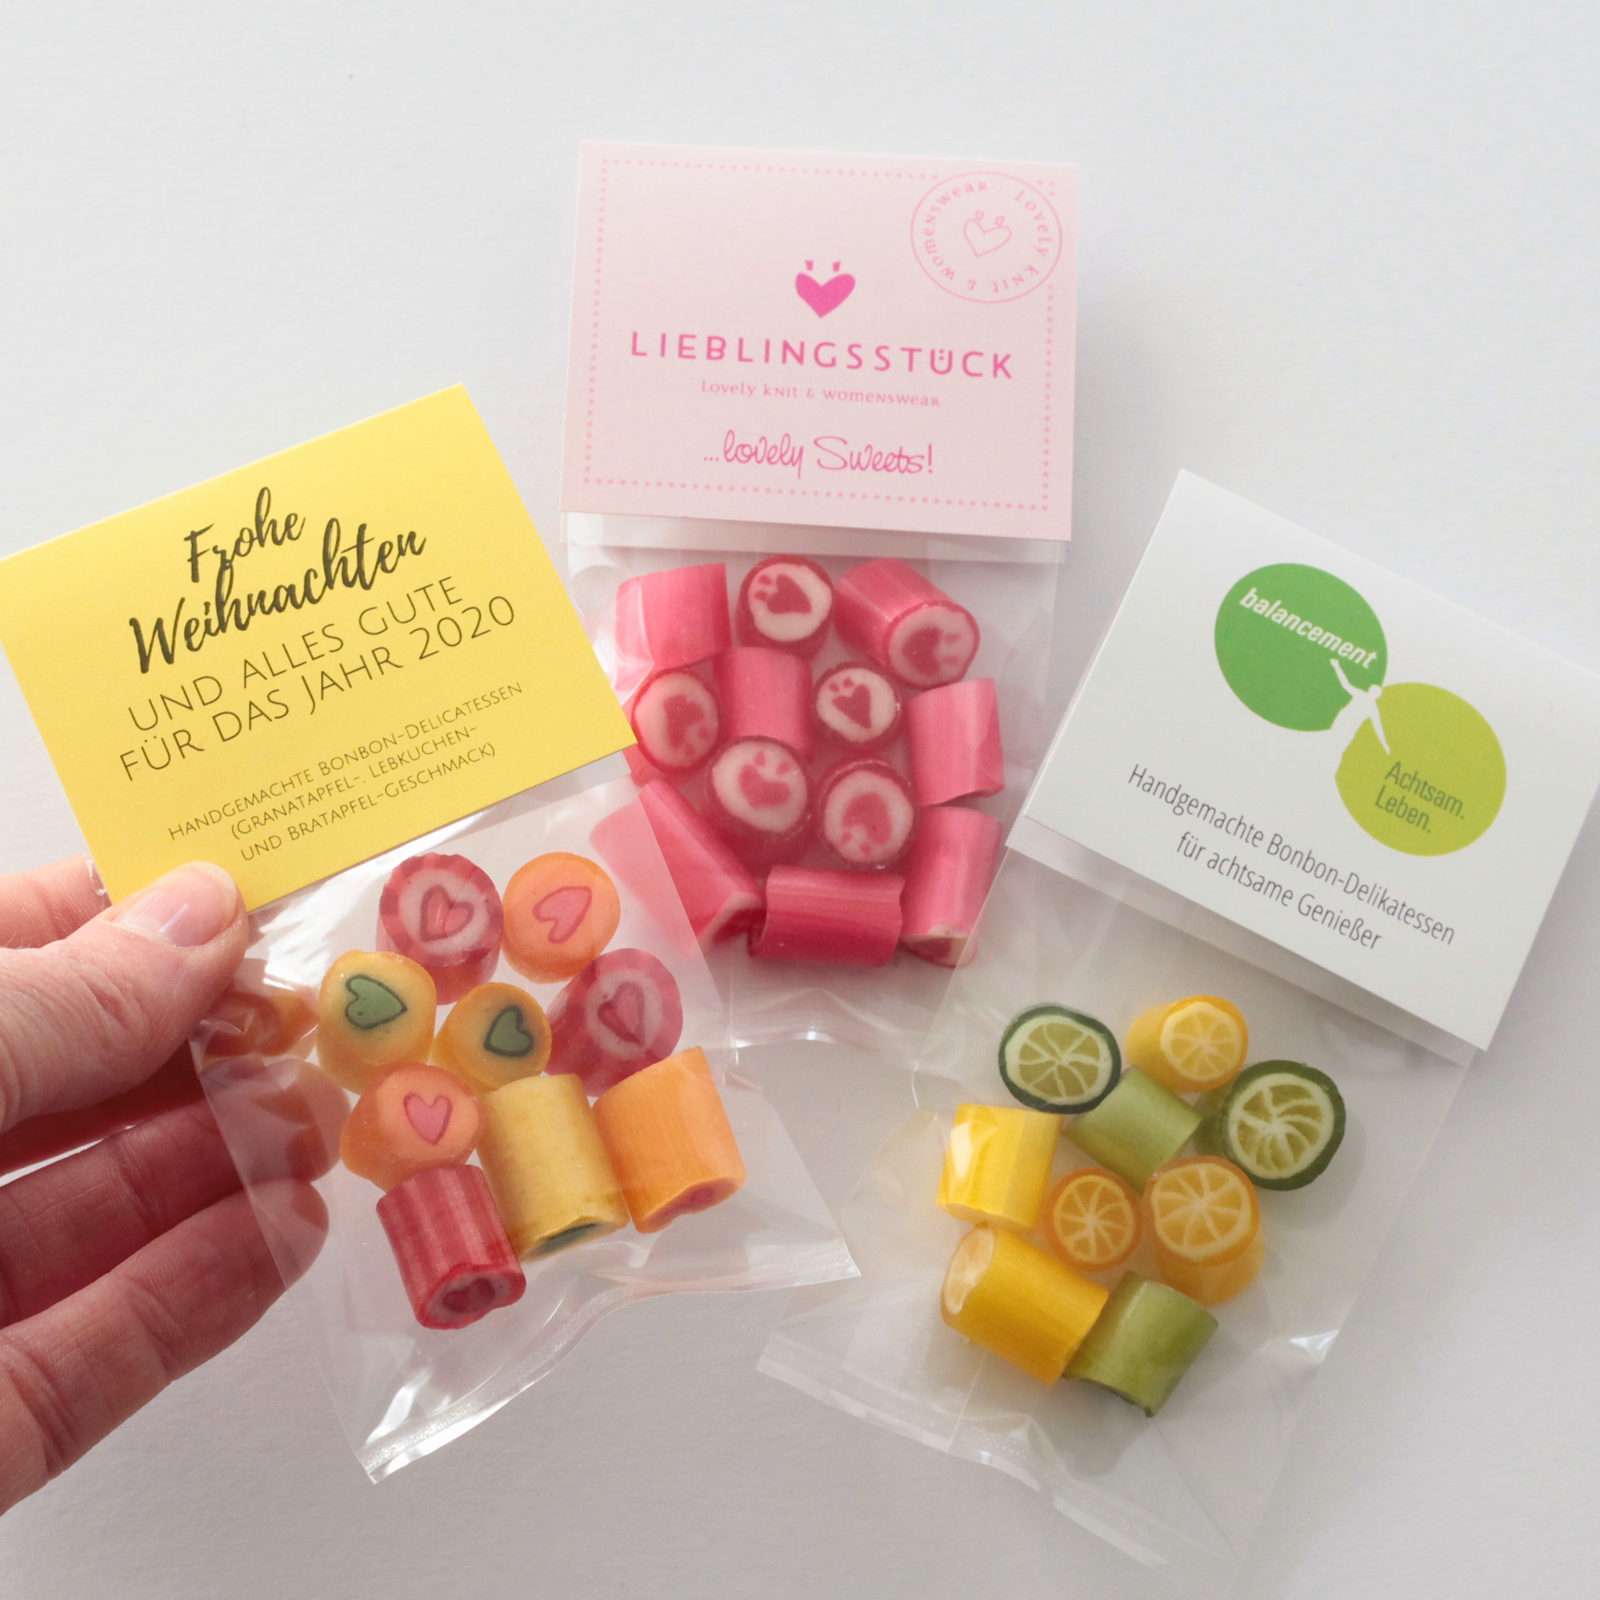 bonbons-als-giveaways